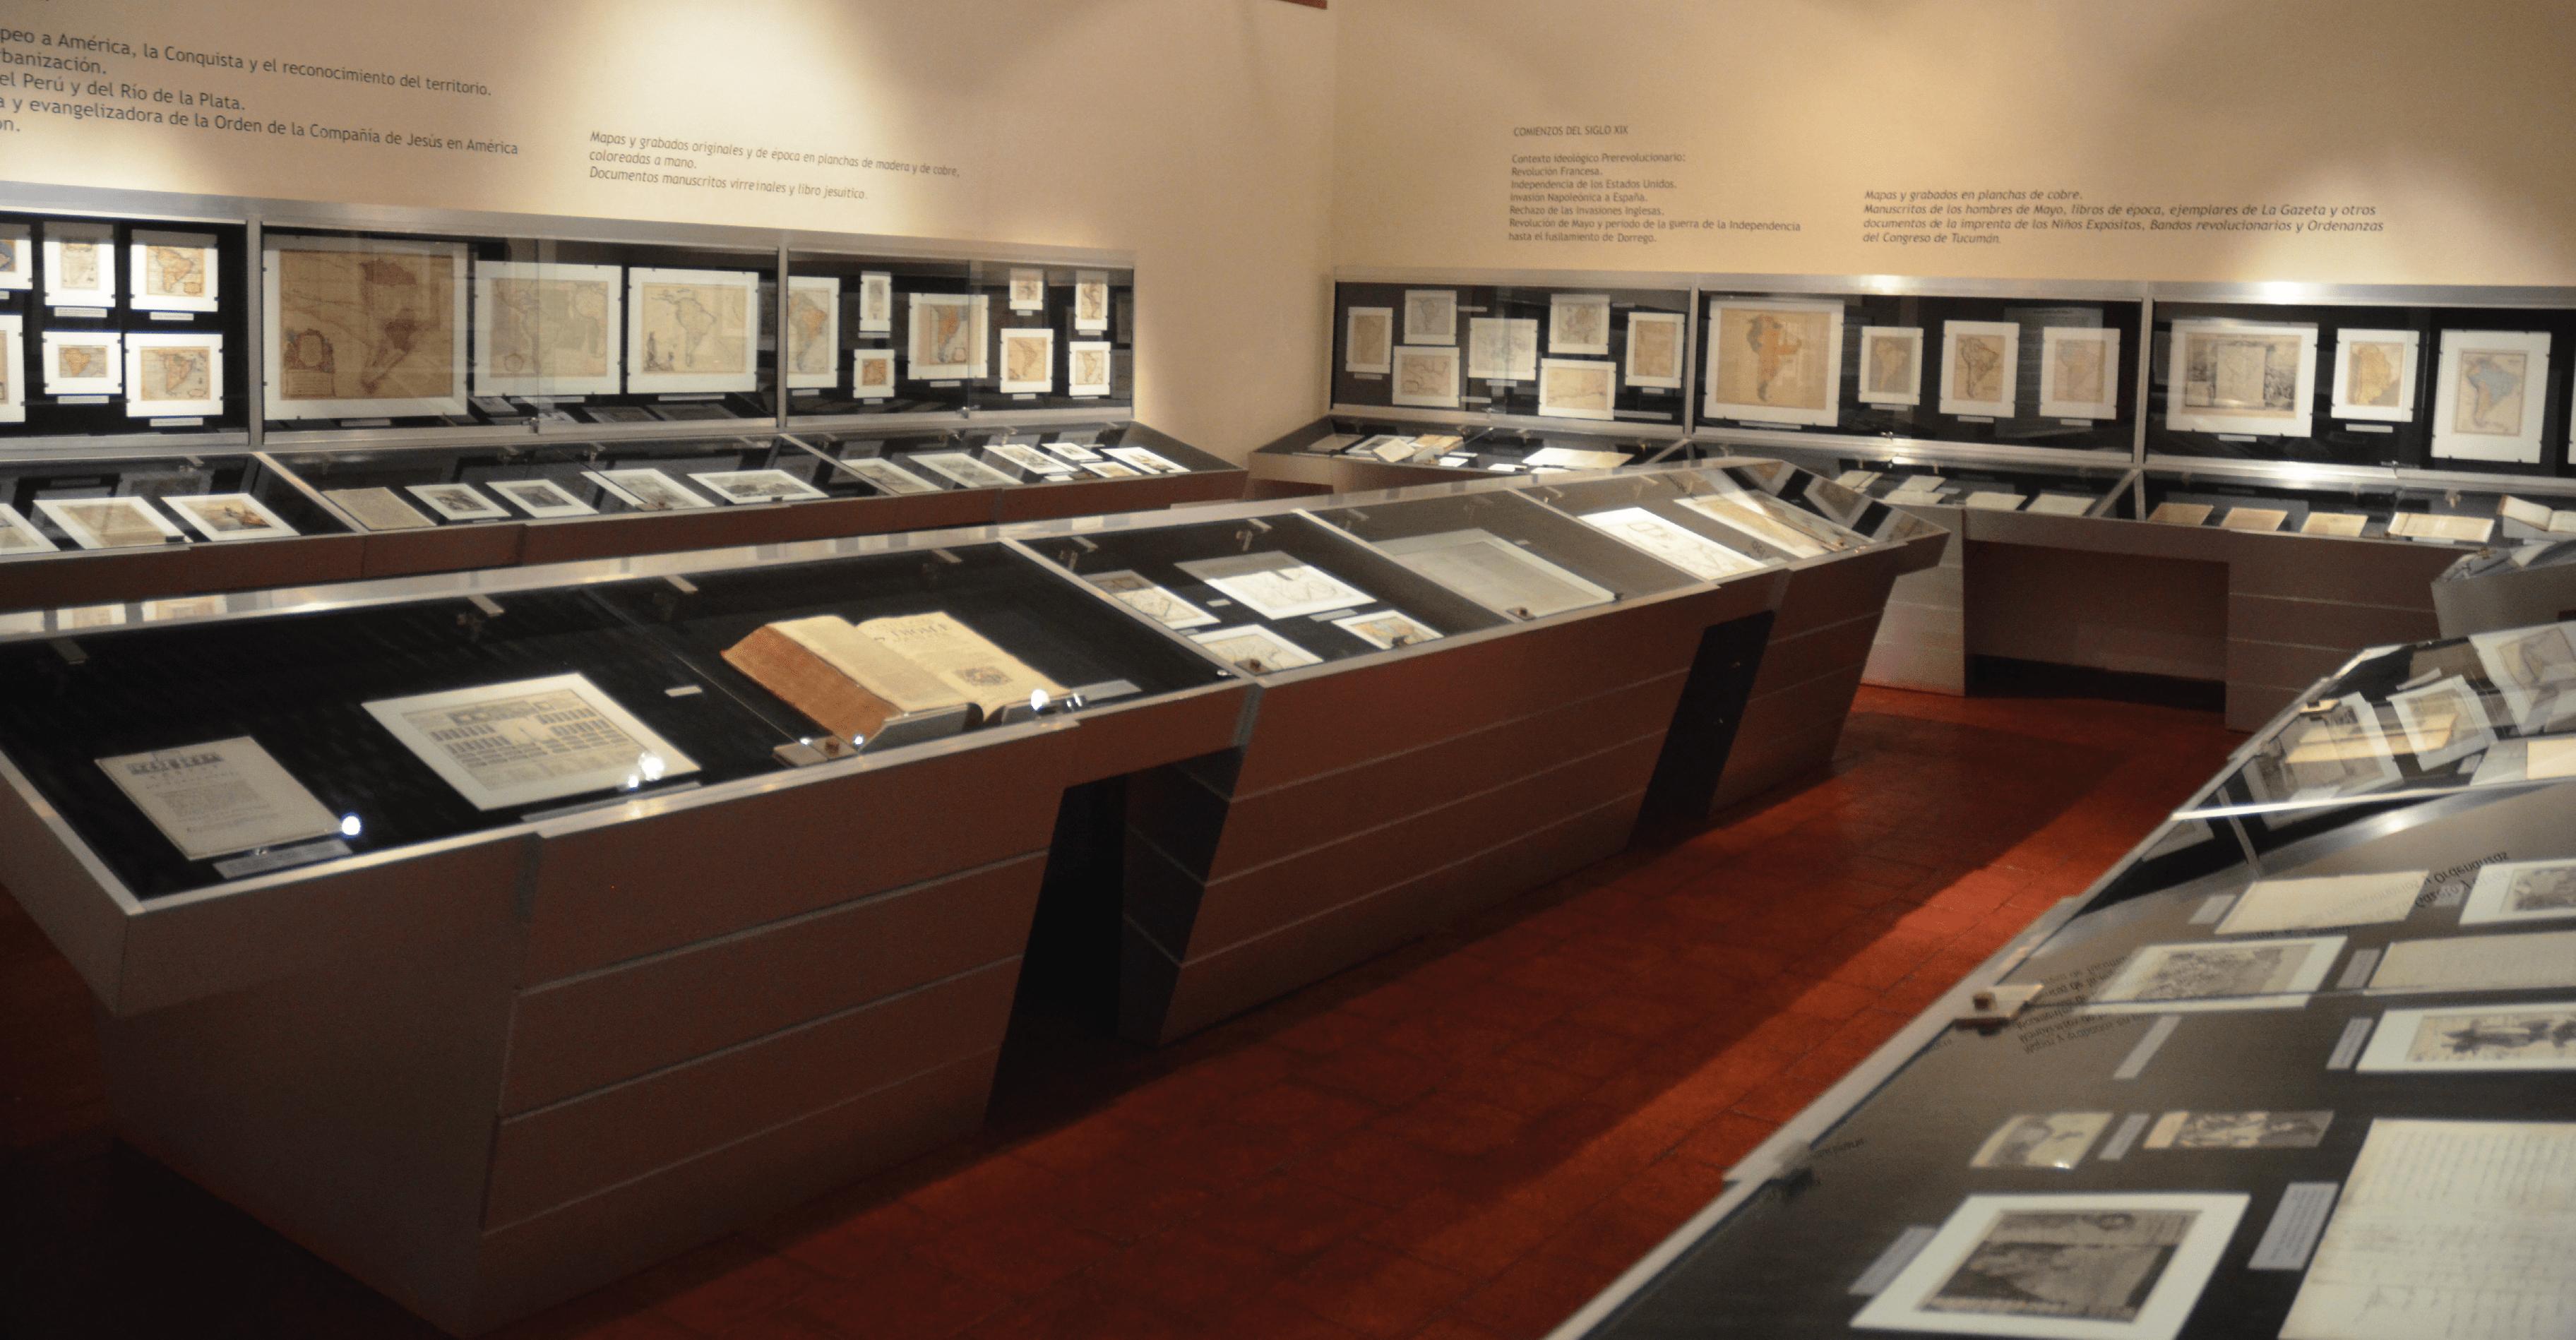 Sala de Cartografía